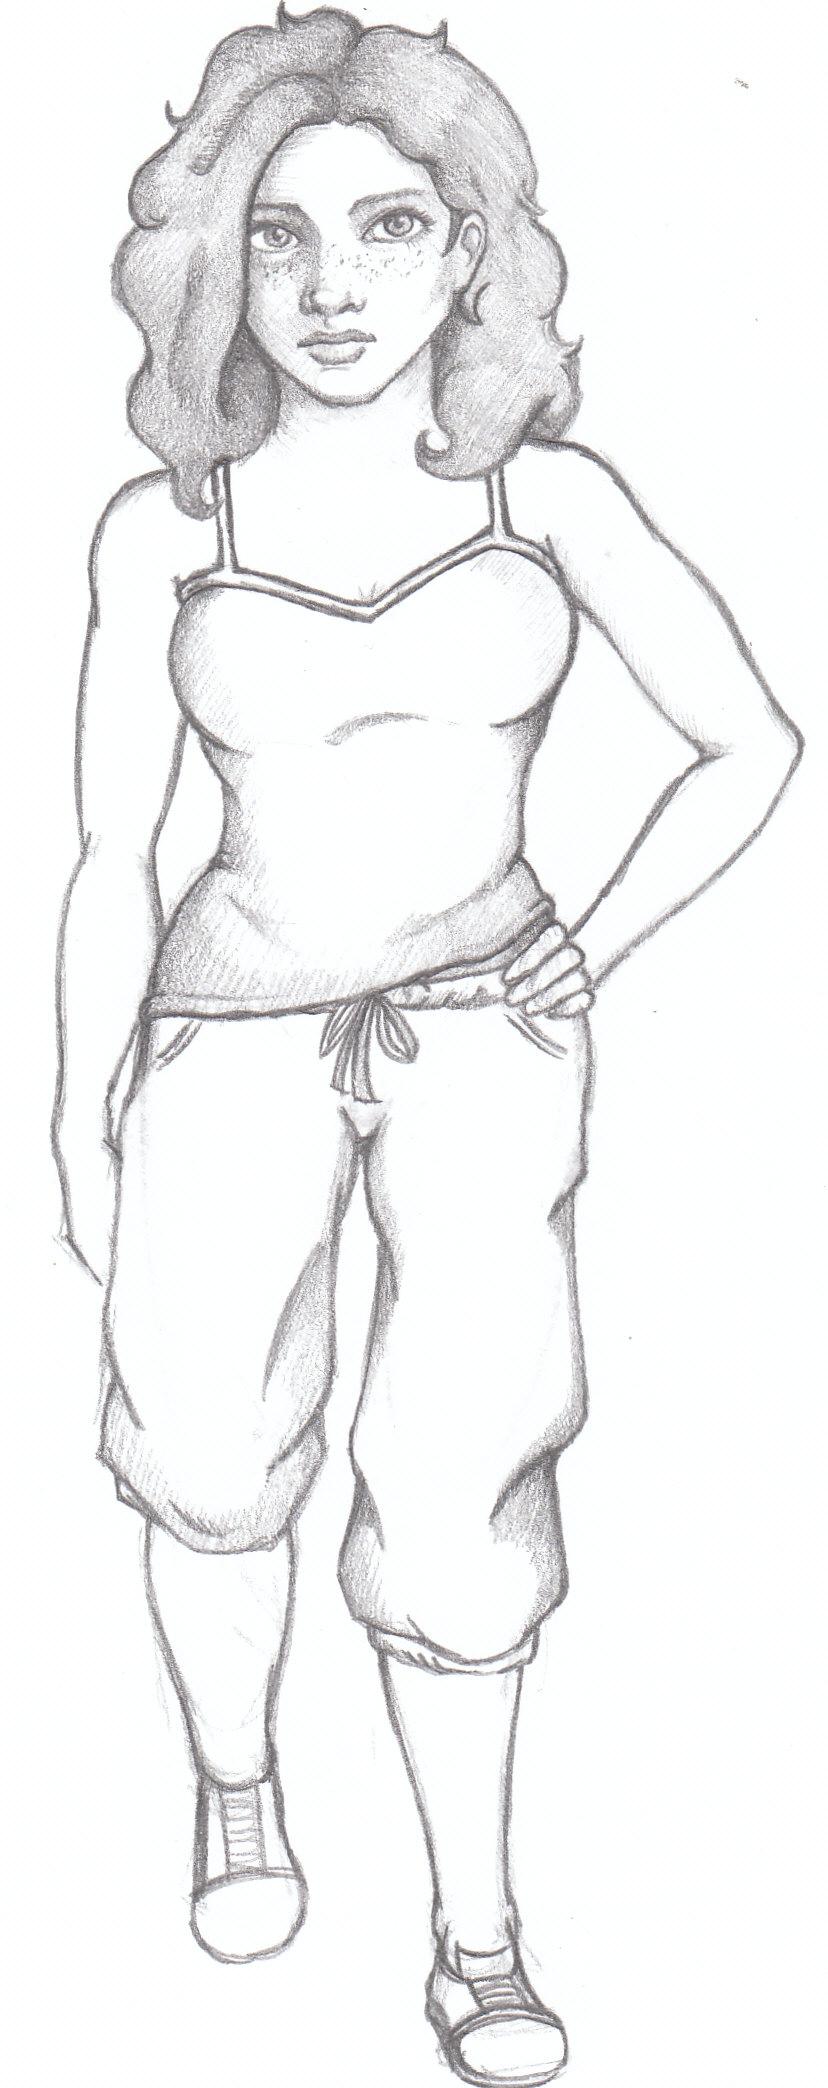 OC - Hannah Sketch by MiliaTimmain